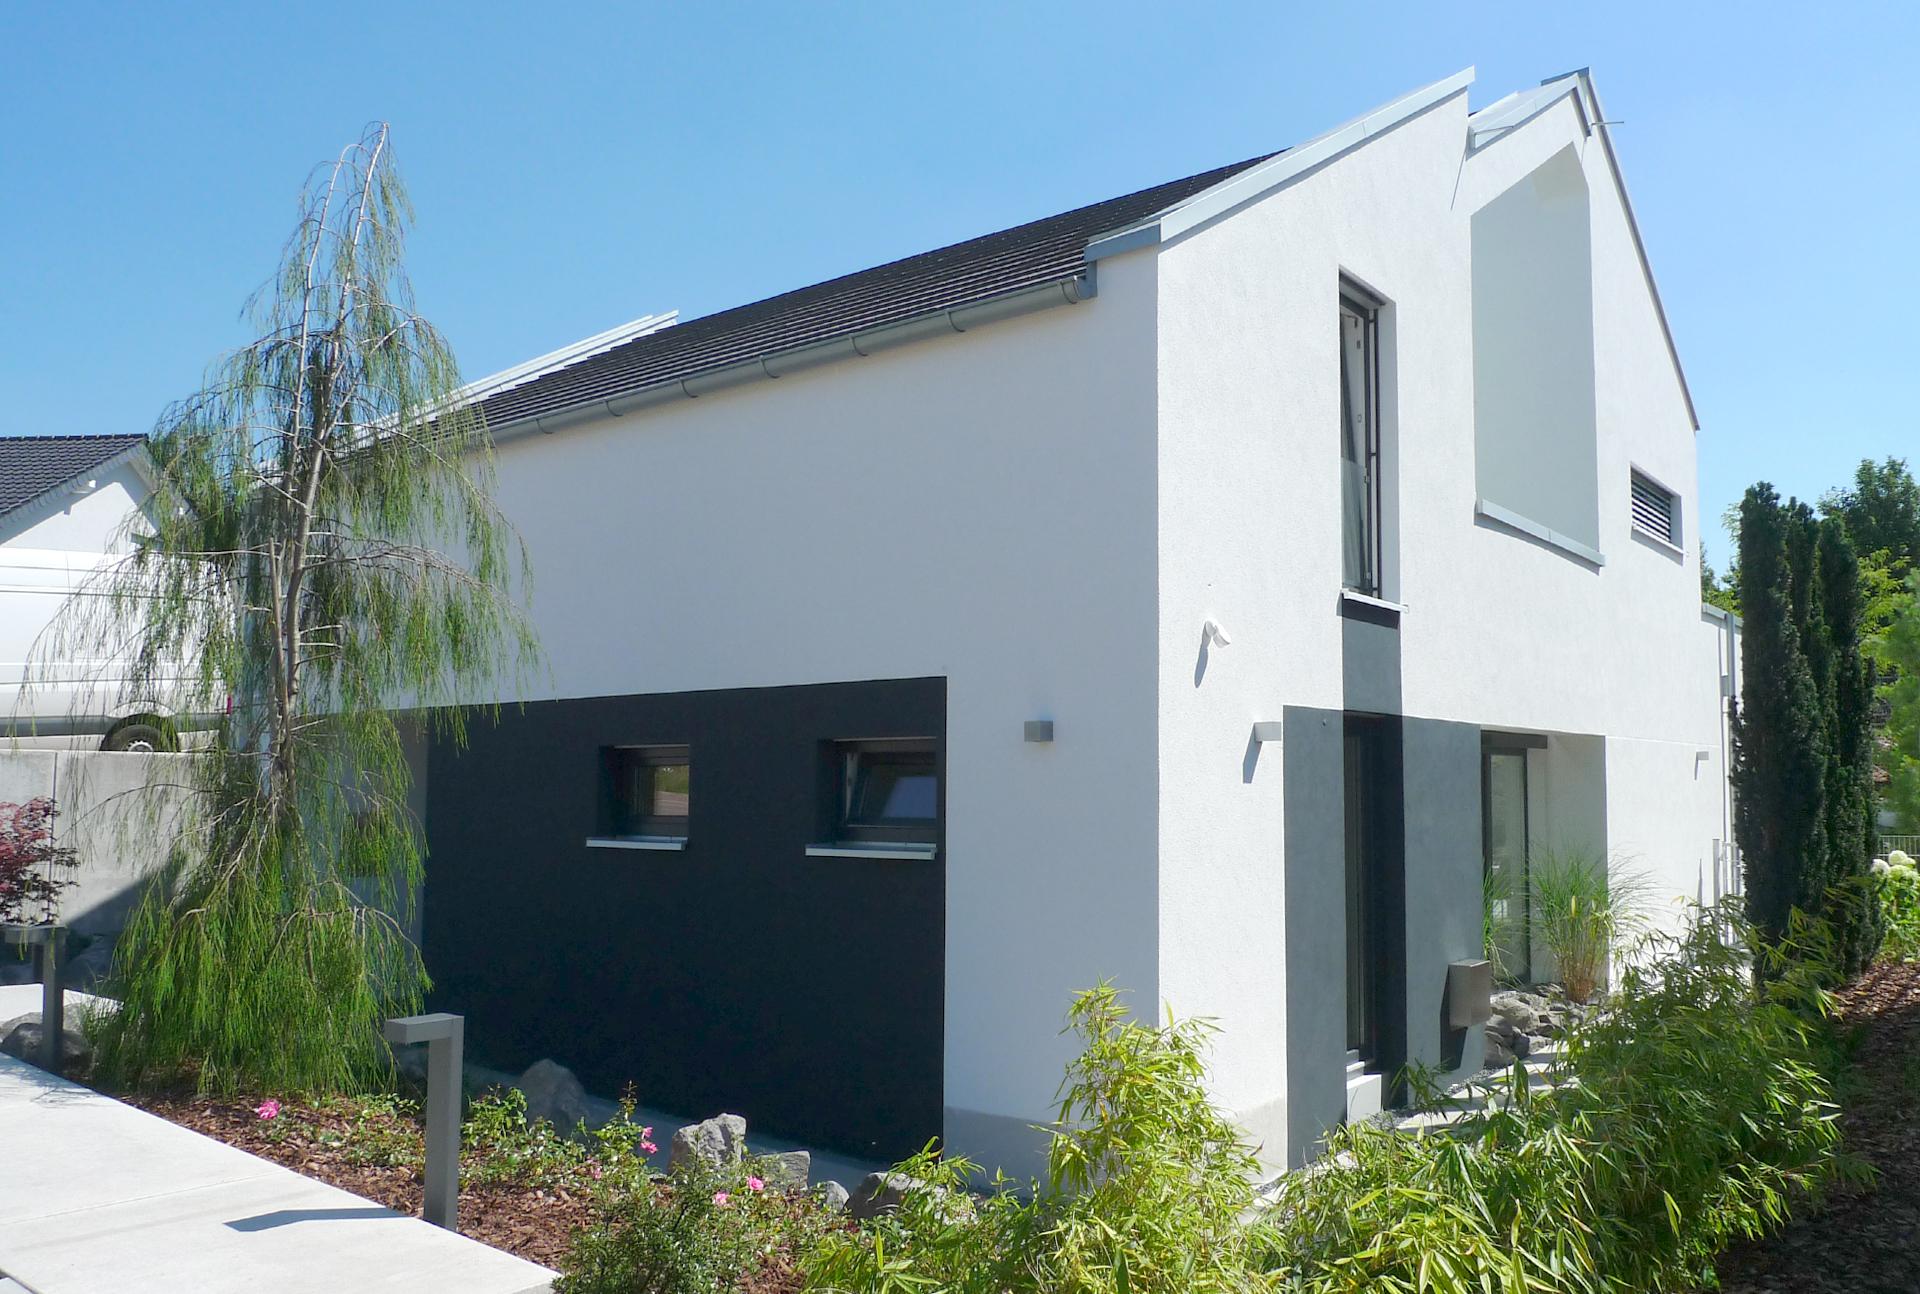 Einfamilienhaus in der Eifel